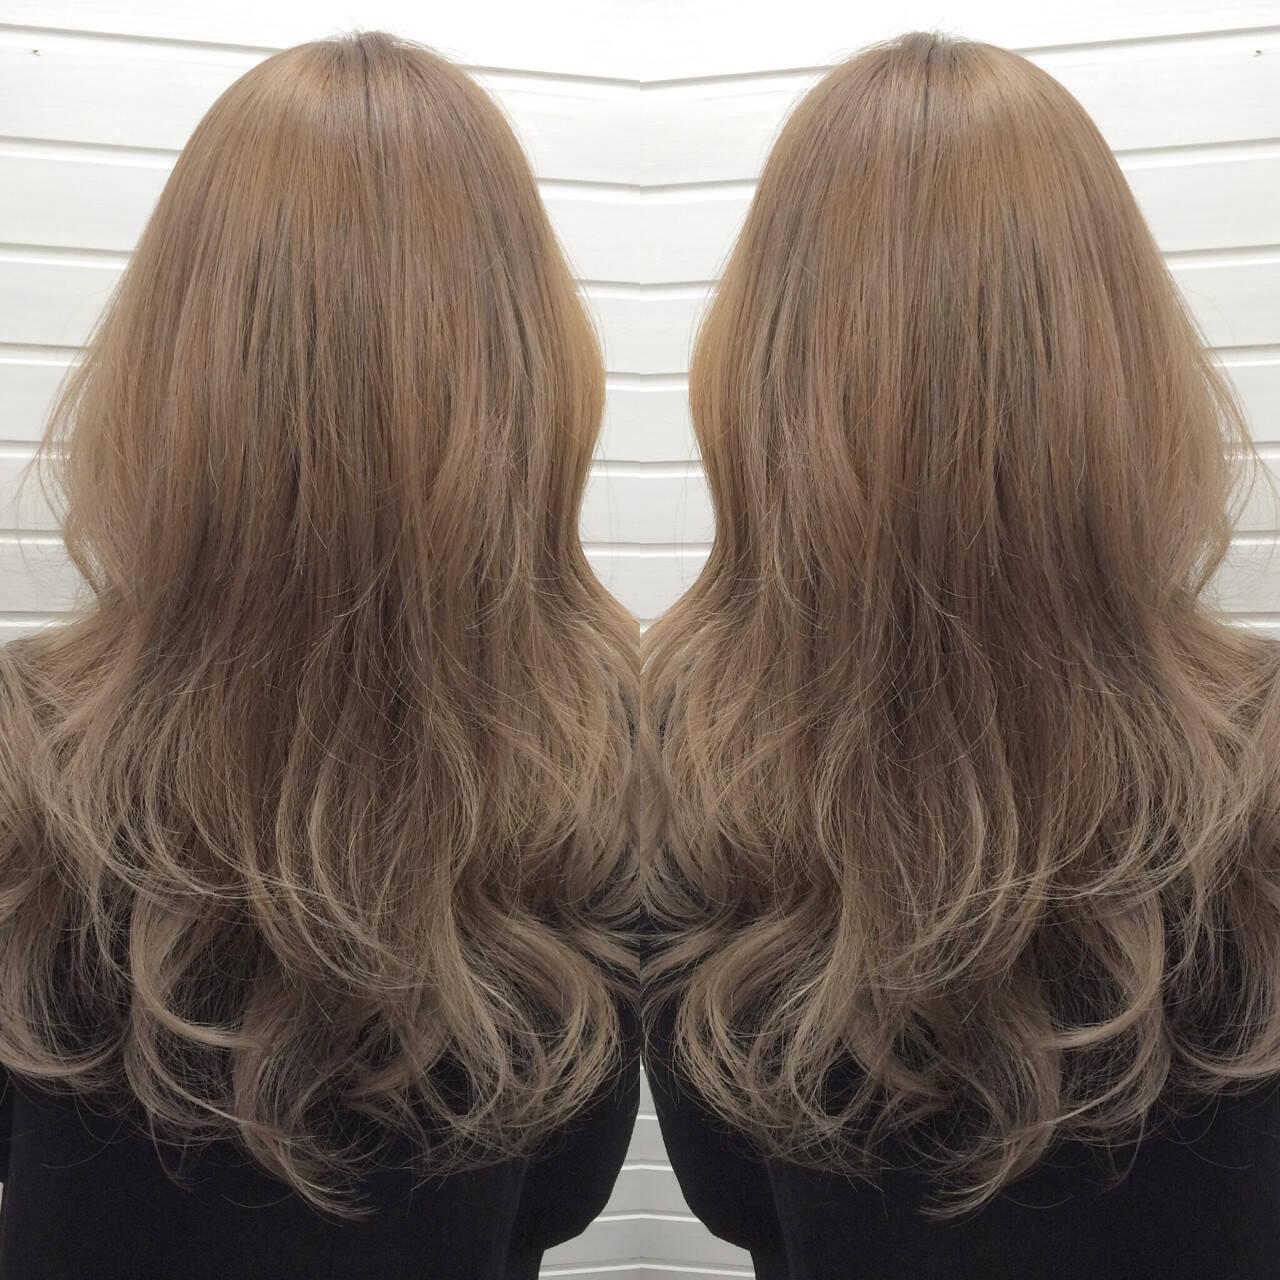 ホワイトアッシュ アッシュ ブリーチ エレガントヘアスタイルや髪型の写真・画像